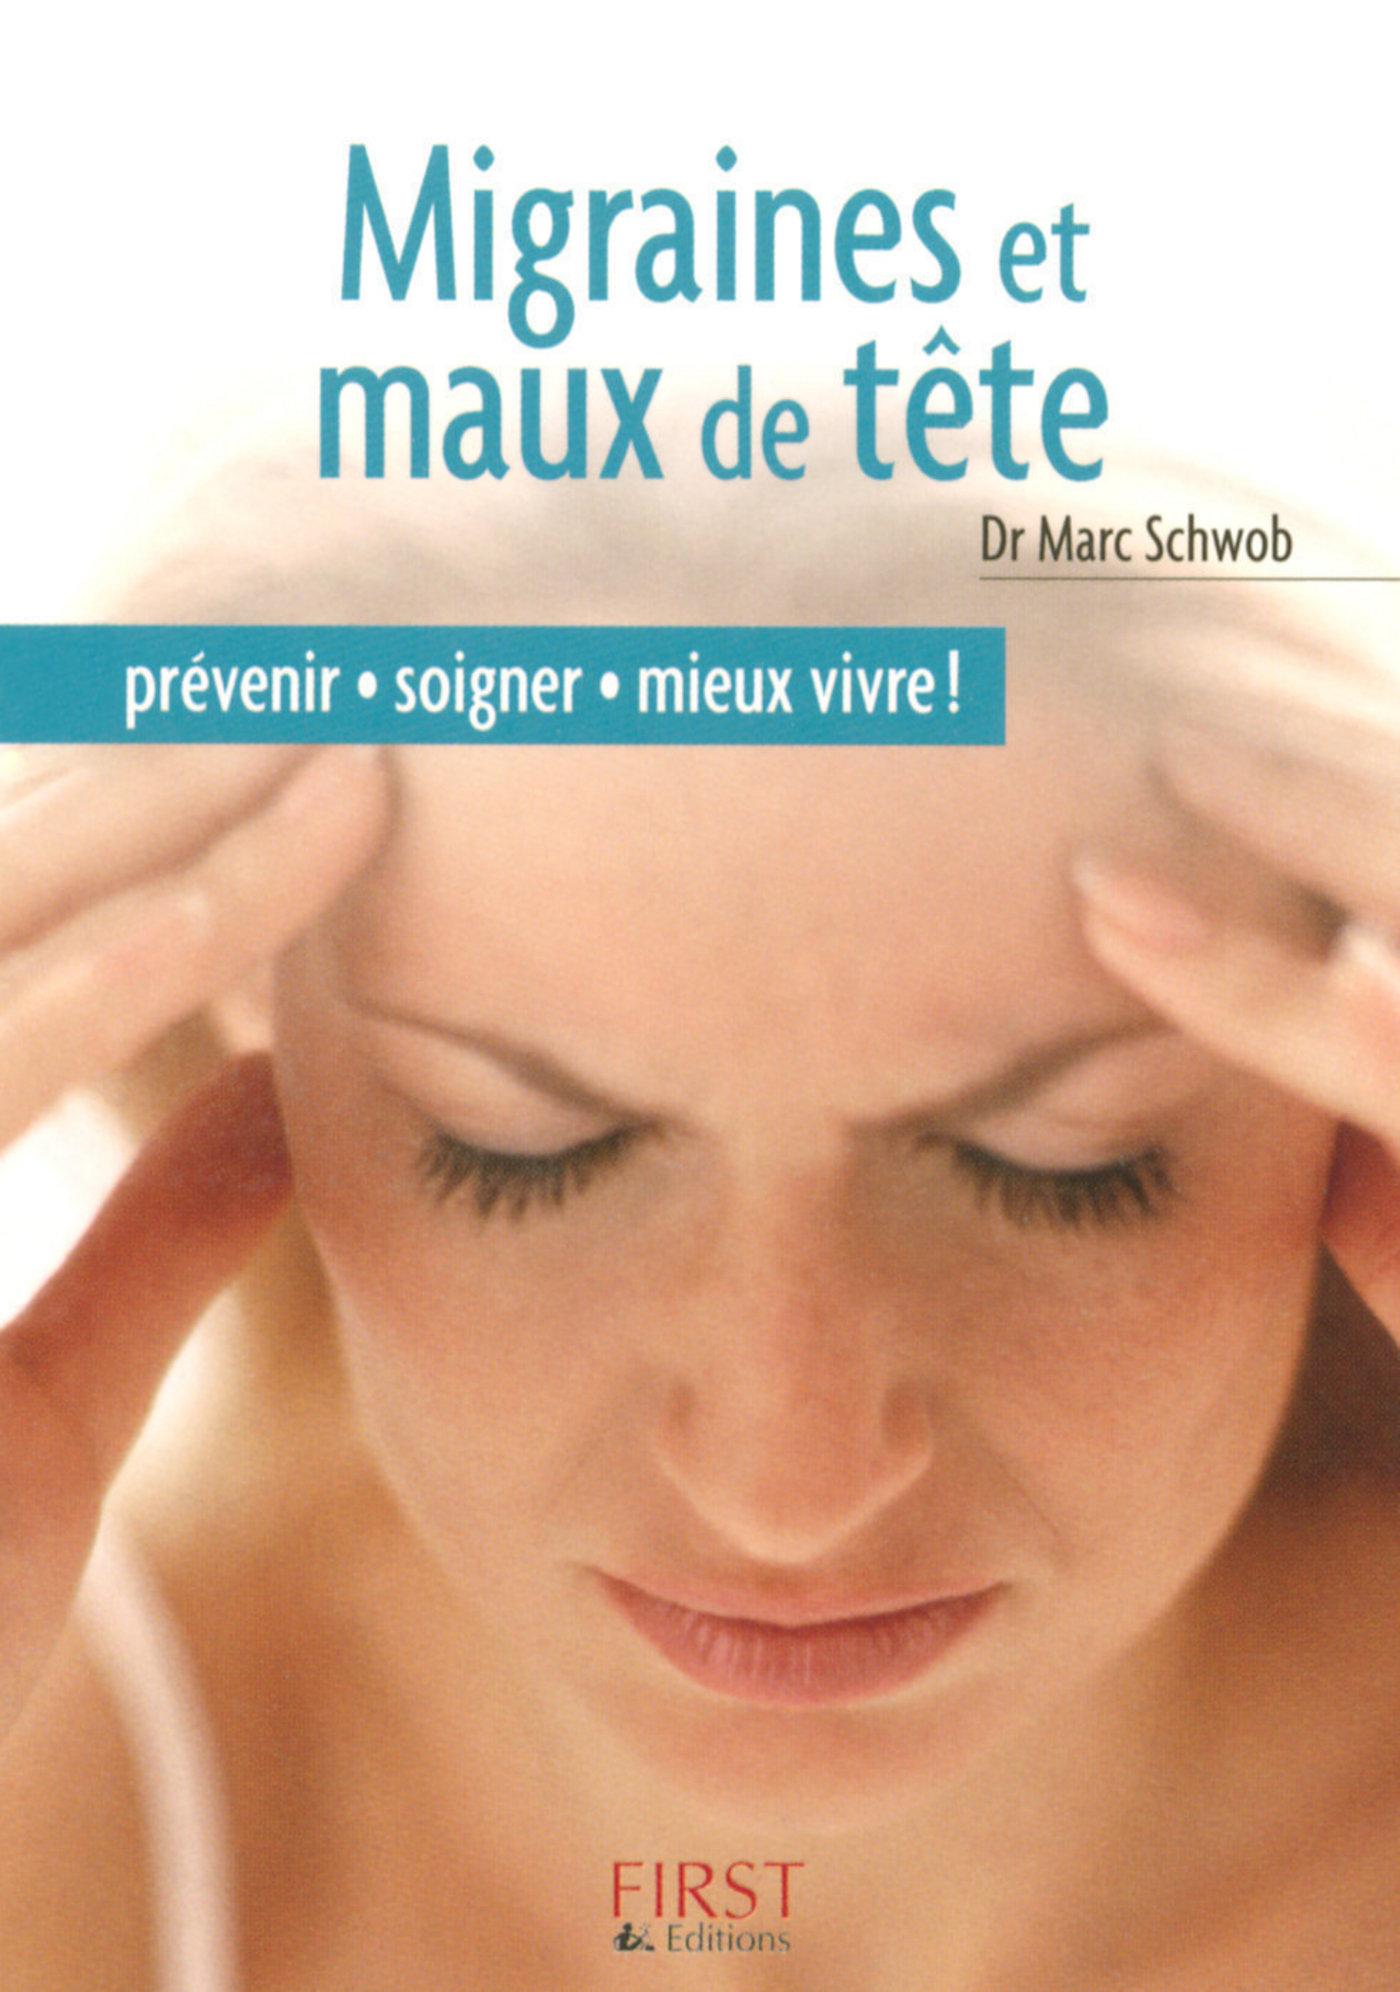 Le Petit Livre de - Migraines et maux de tête